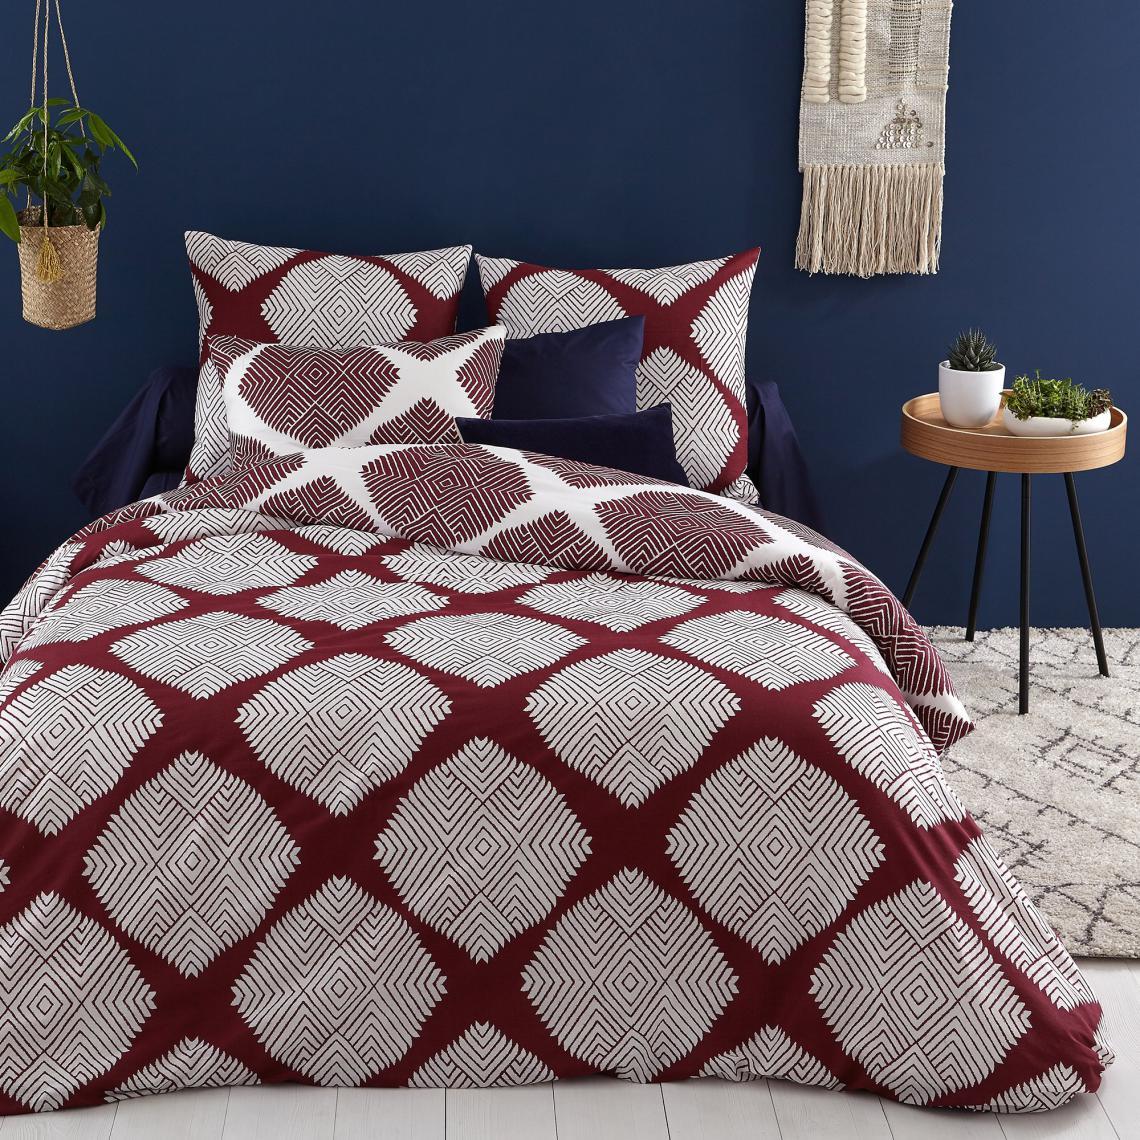 Linge De Maison Bordeaux parure de lit coton shawl - bordeaux 11 avis plus de détails